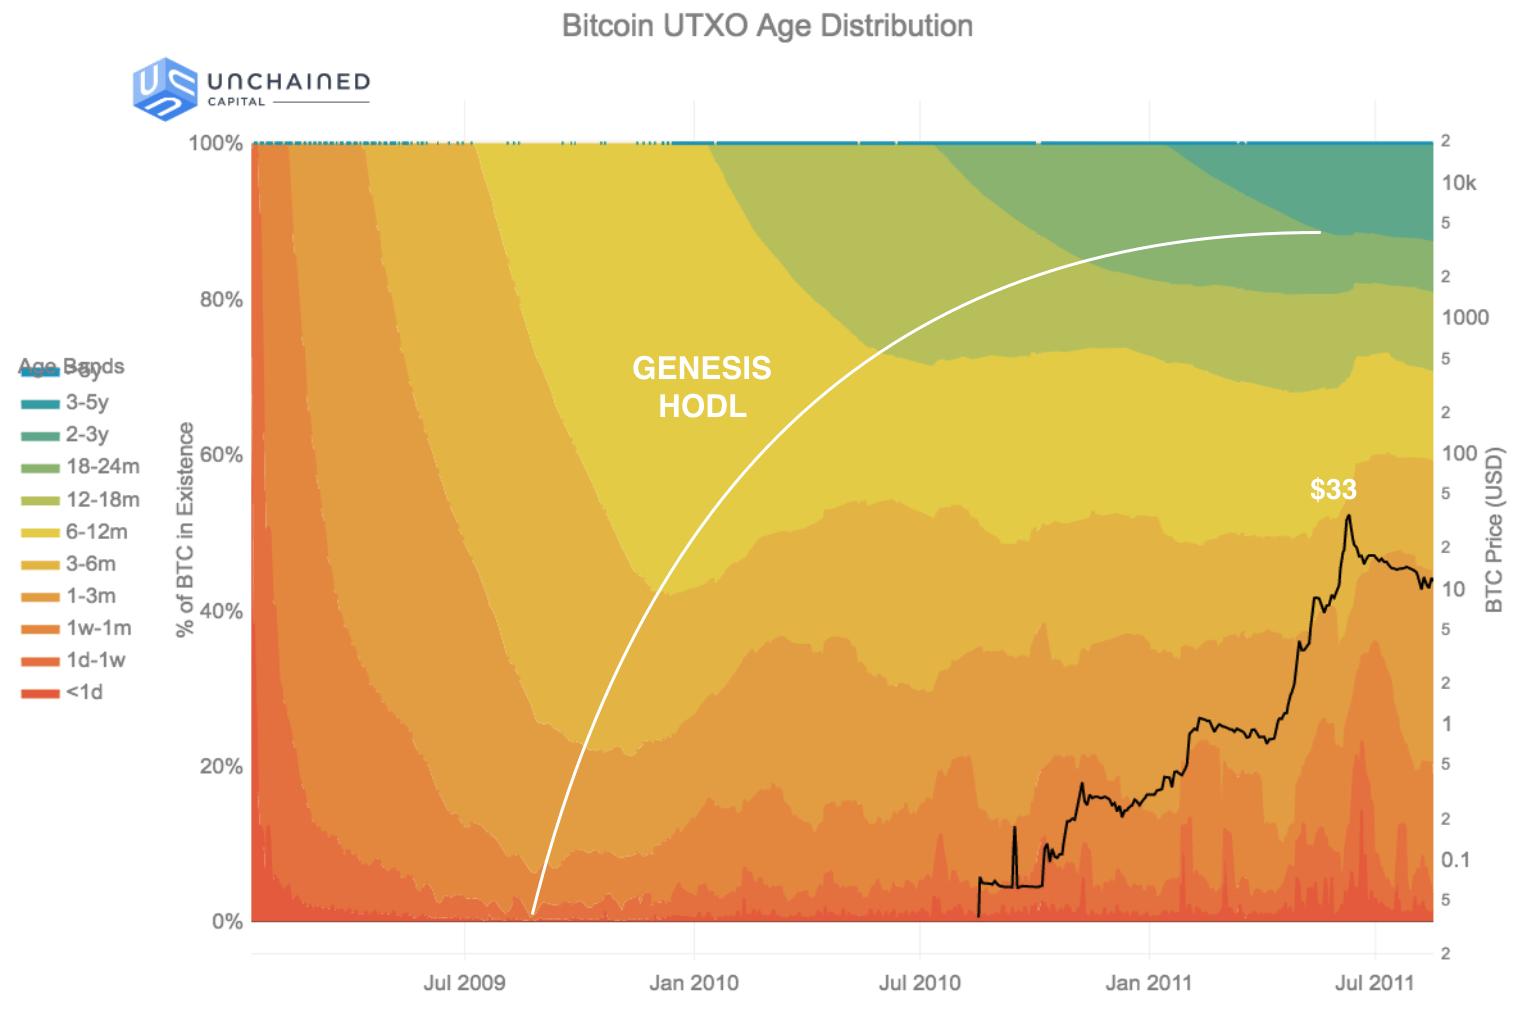 Genesis HODL wave